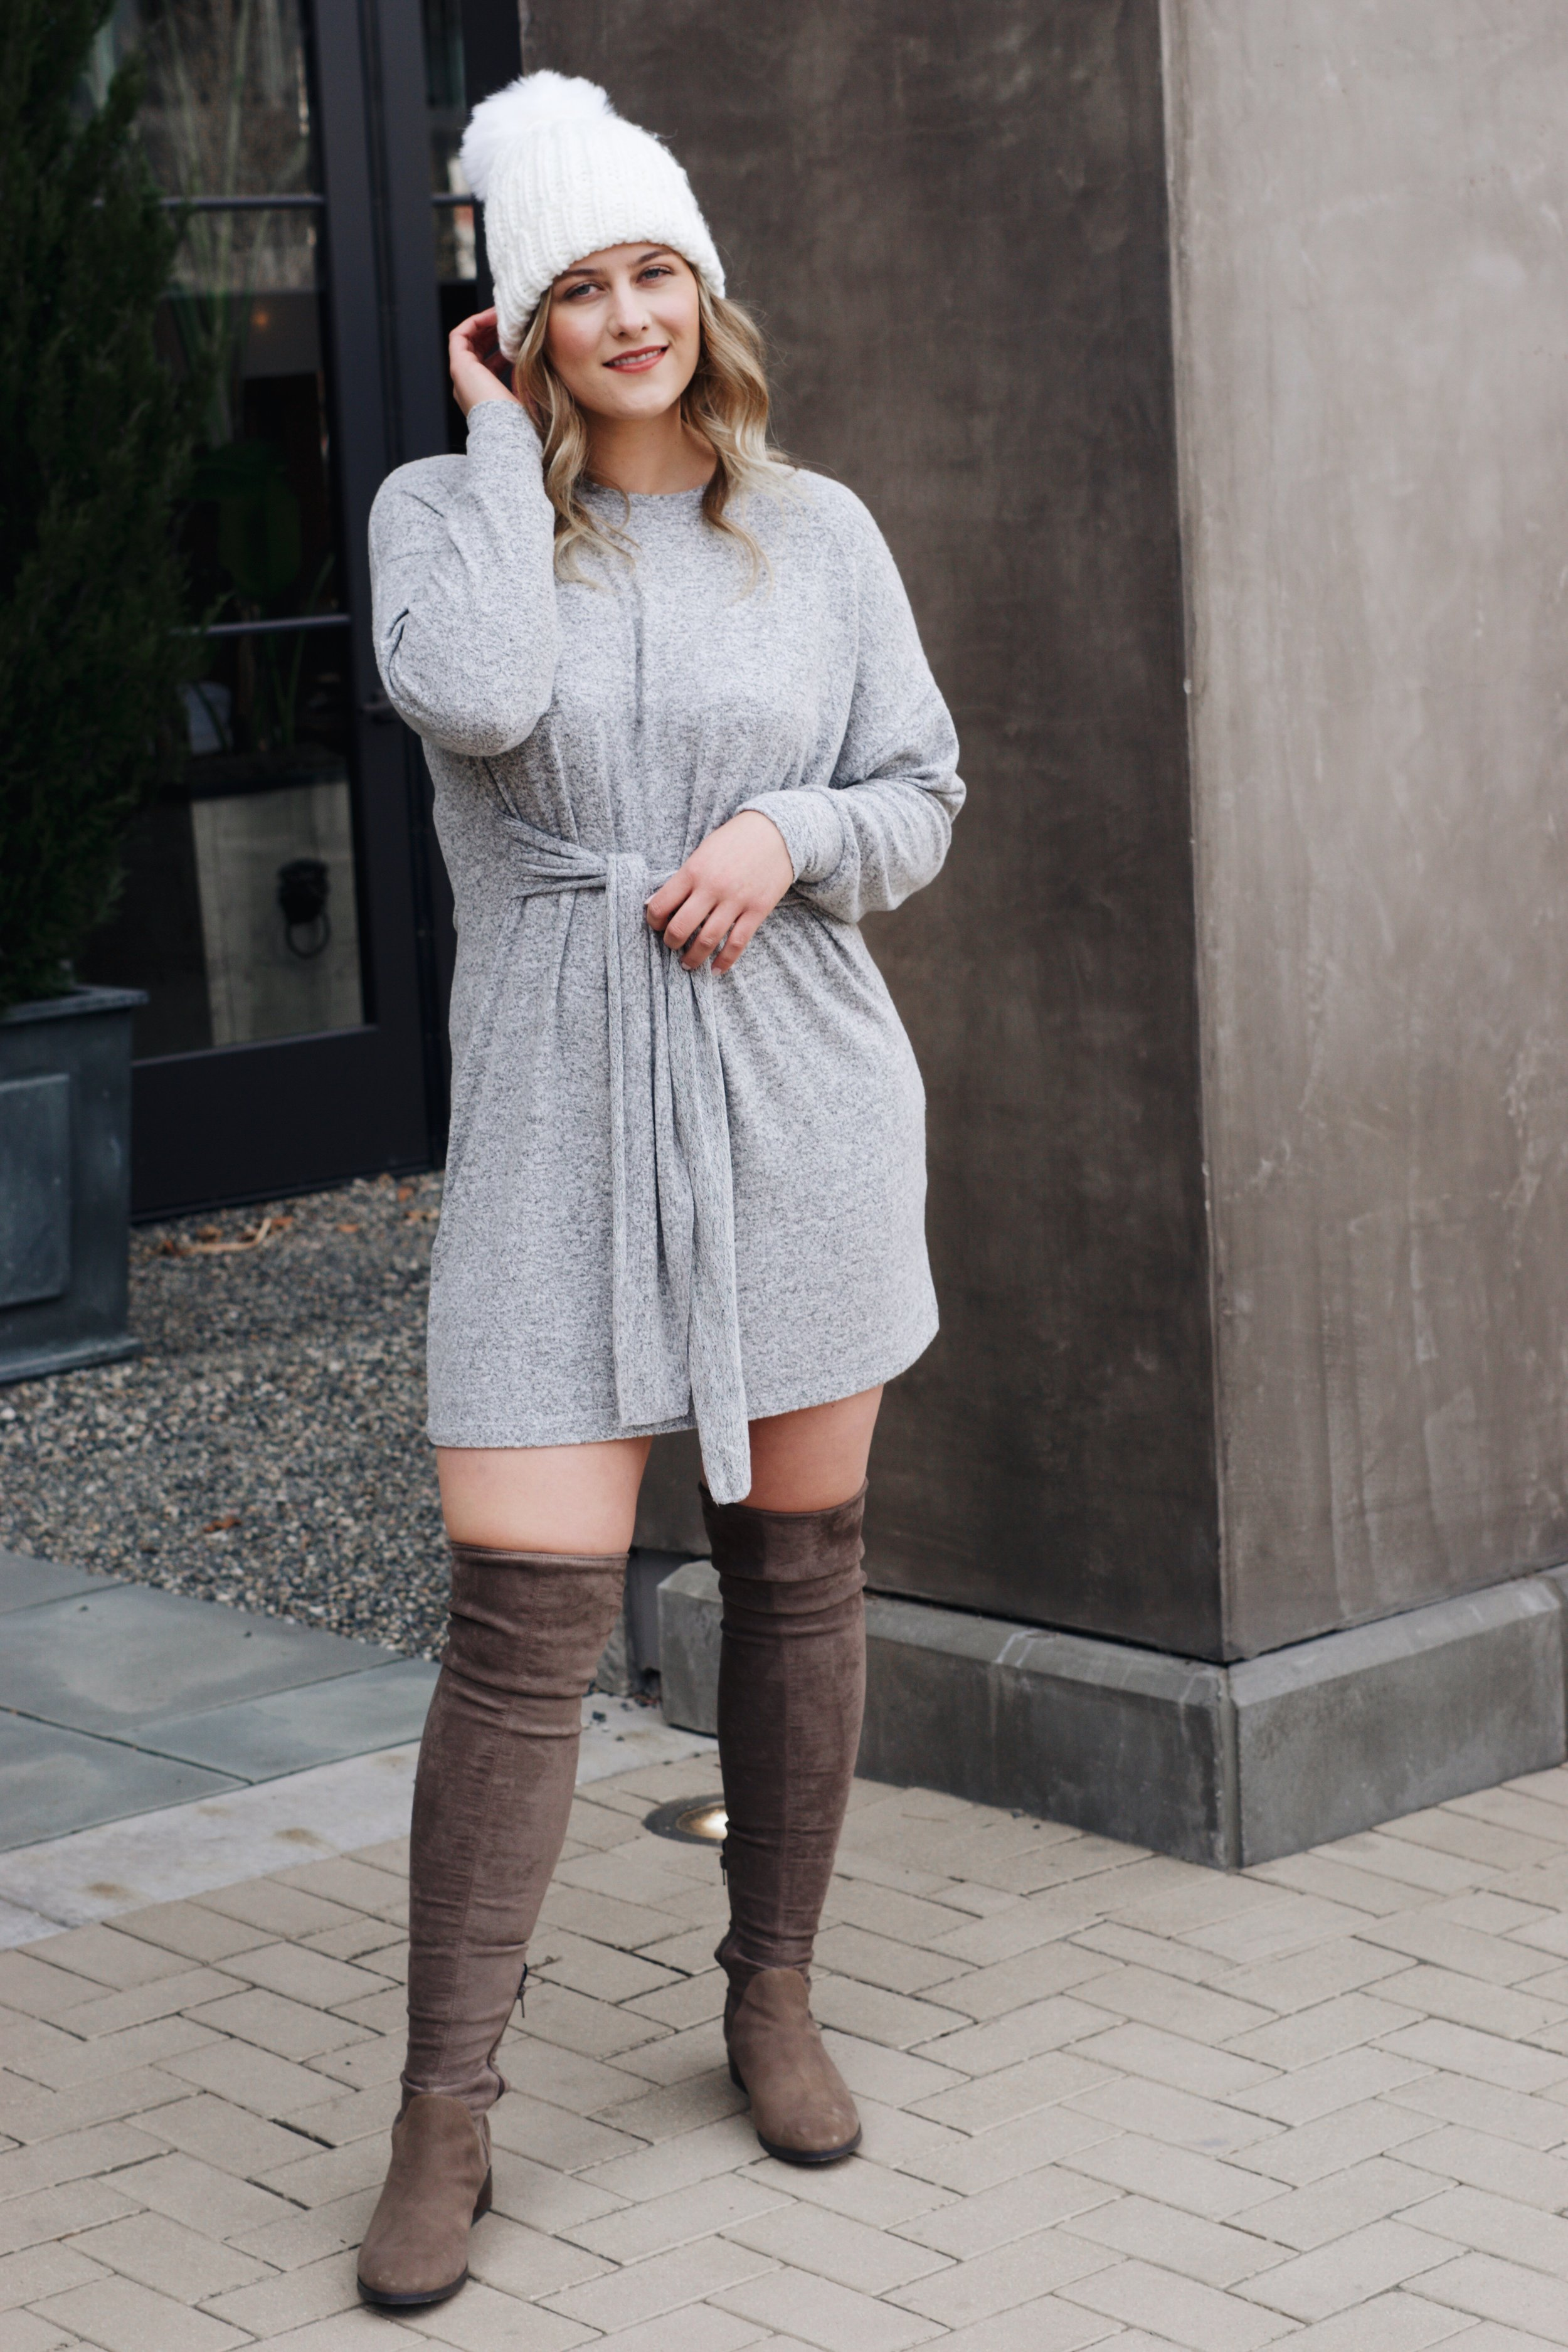 sweater-dress-4.JPG